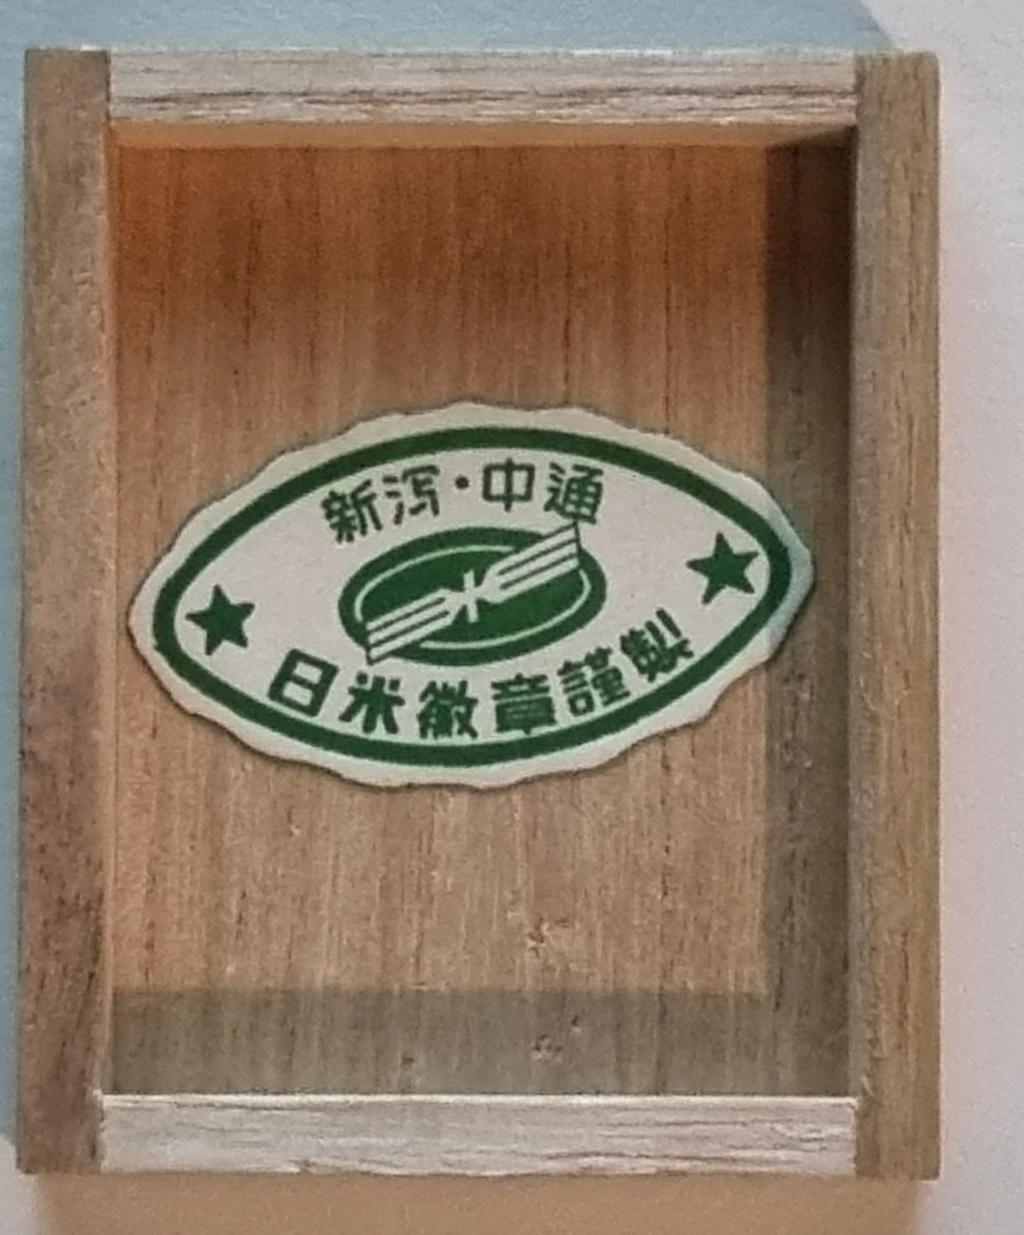 Besoin de vos connaissances pour cet insigne japonais 20210727